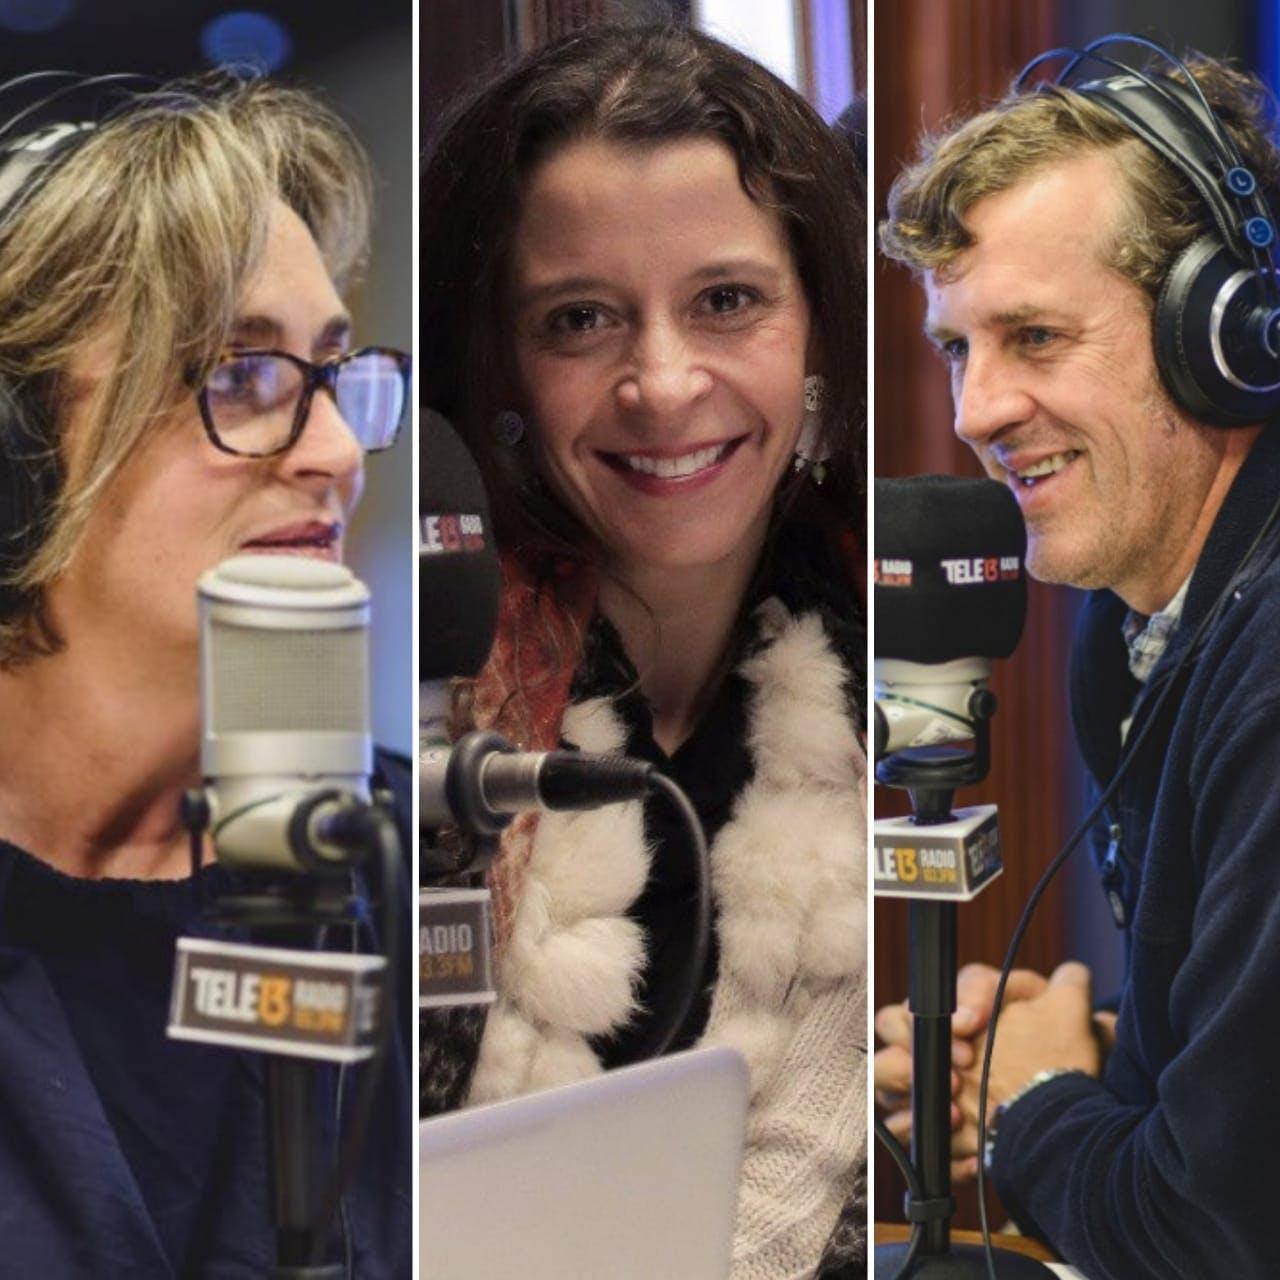 Rat Pack: Crisis de migrantes venezolanos en la frontera chilena, Horst Paulmann va a la bolsa y ¿es Chile realmente bicampeón? - Mesa Central - RatPack - Emisor Podcasting